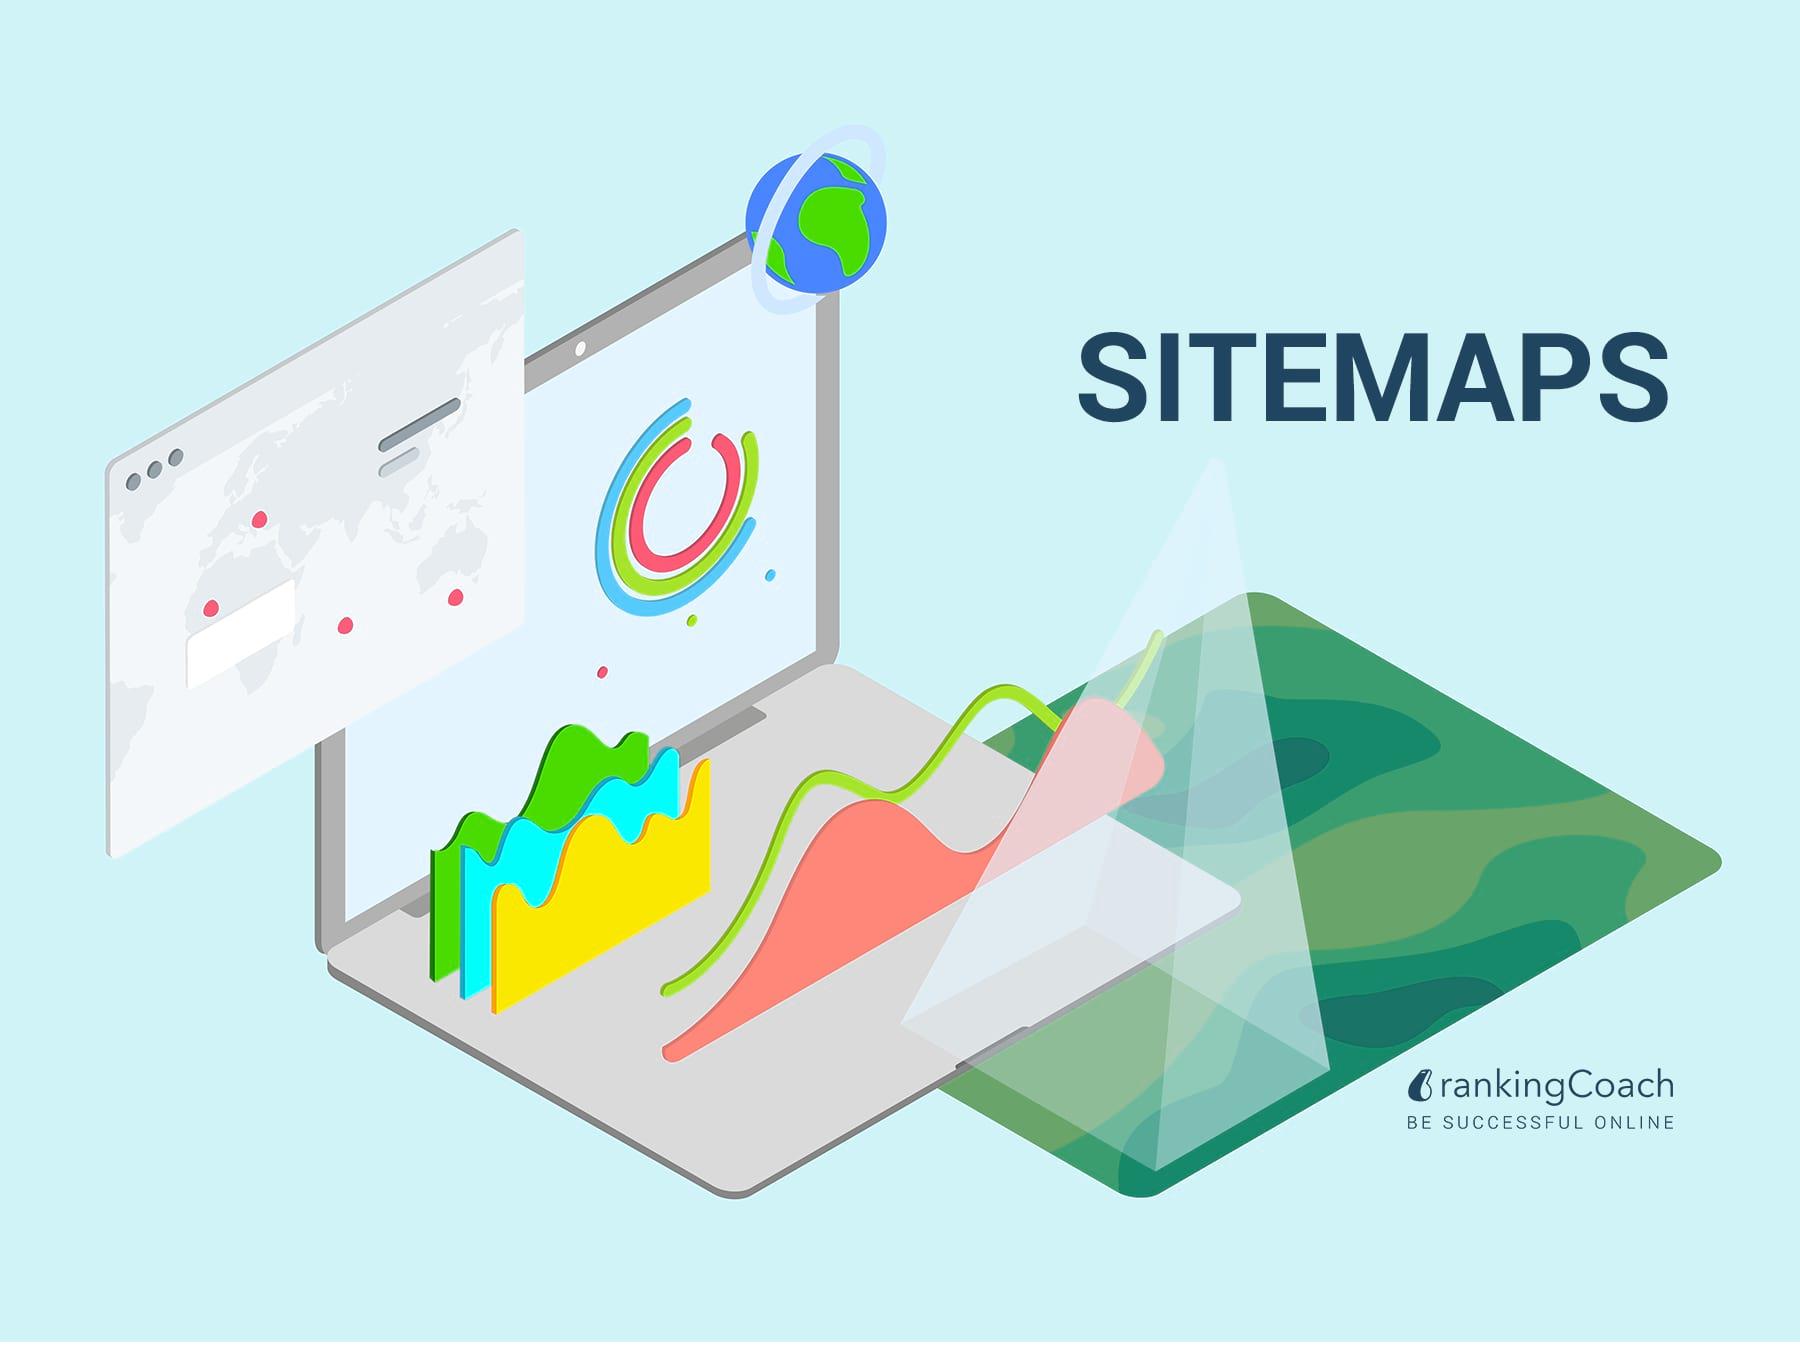 Le Sitemap - qu'est-ce qu'un plan de site ?